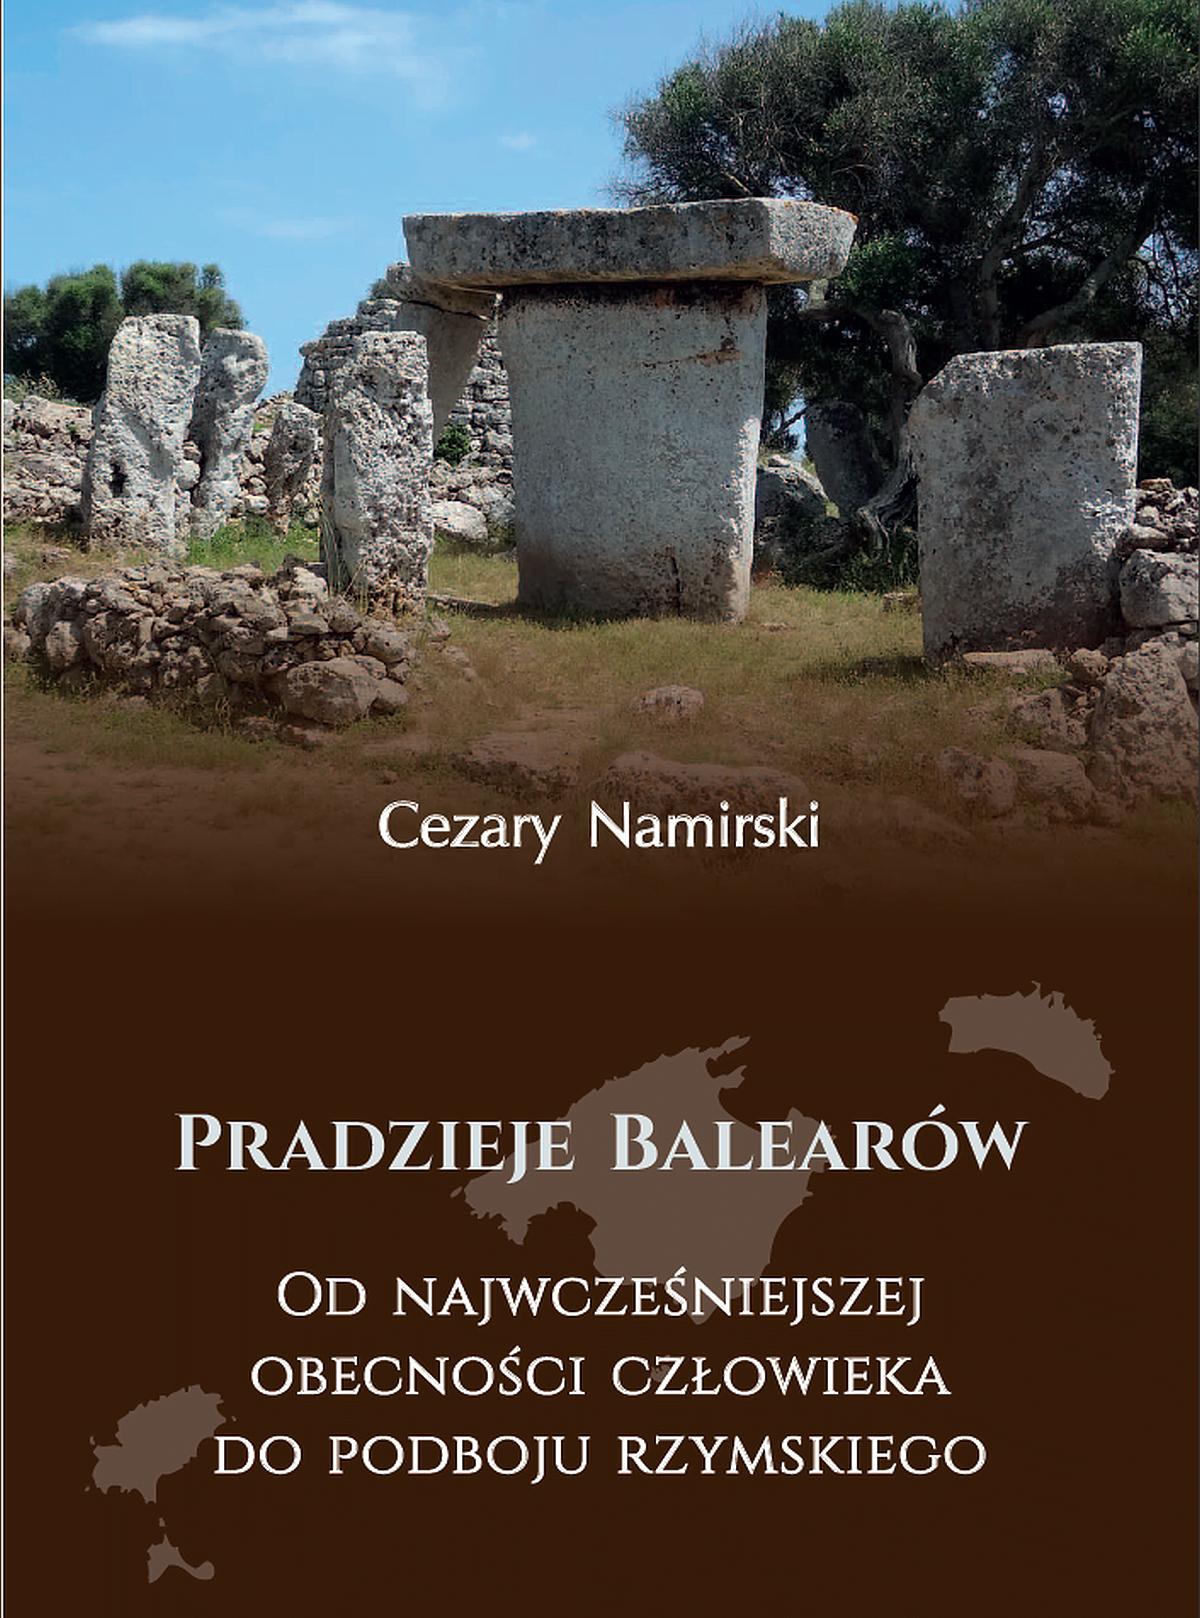 Pradzieje Balearów, Cezary Namirski